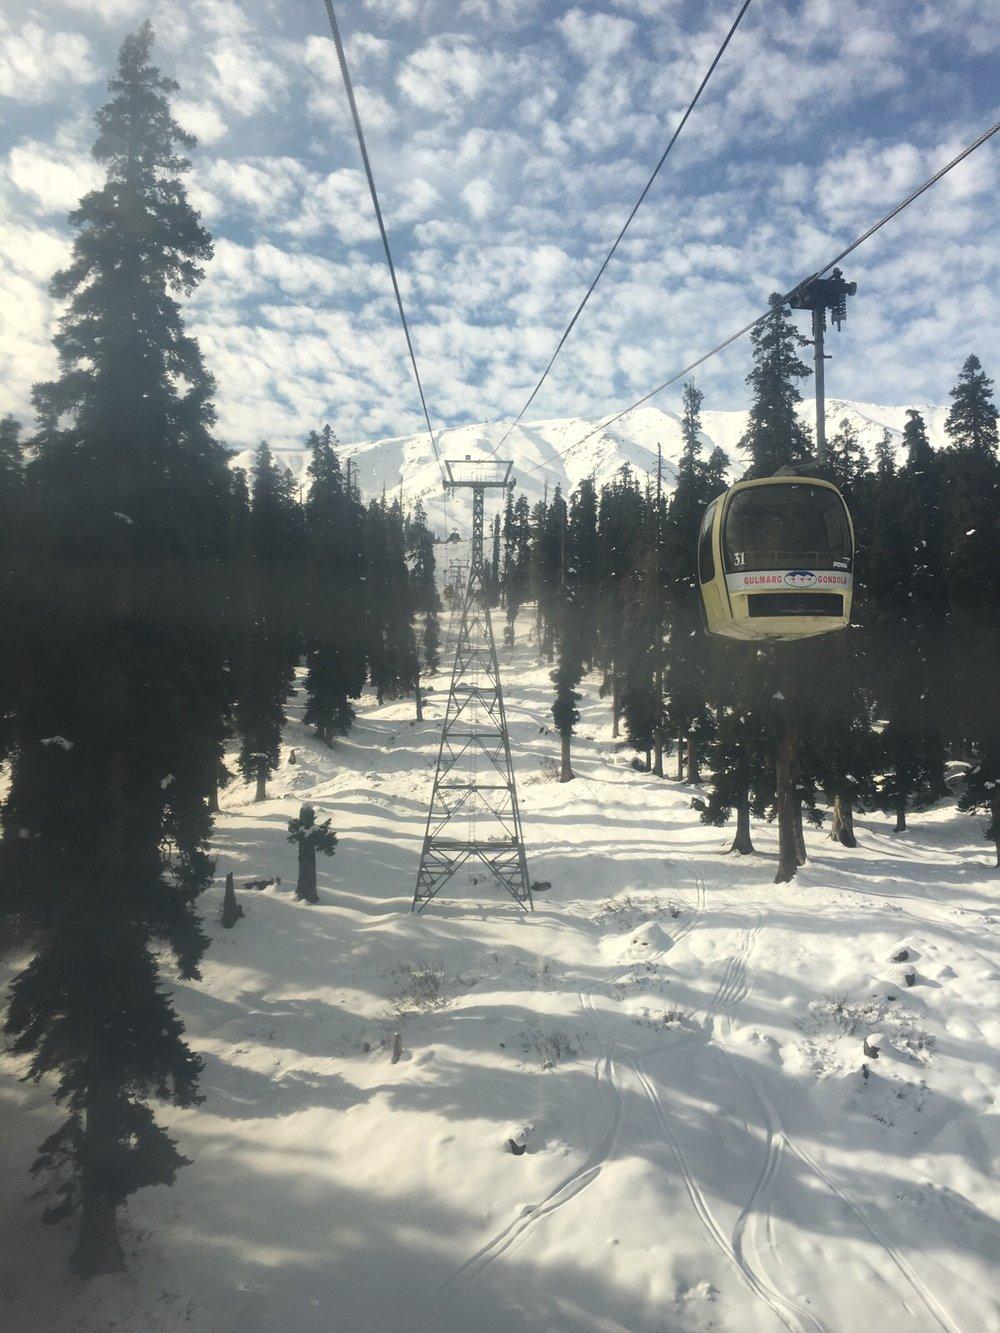 Gondola Ride to take you up the mountains